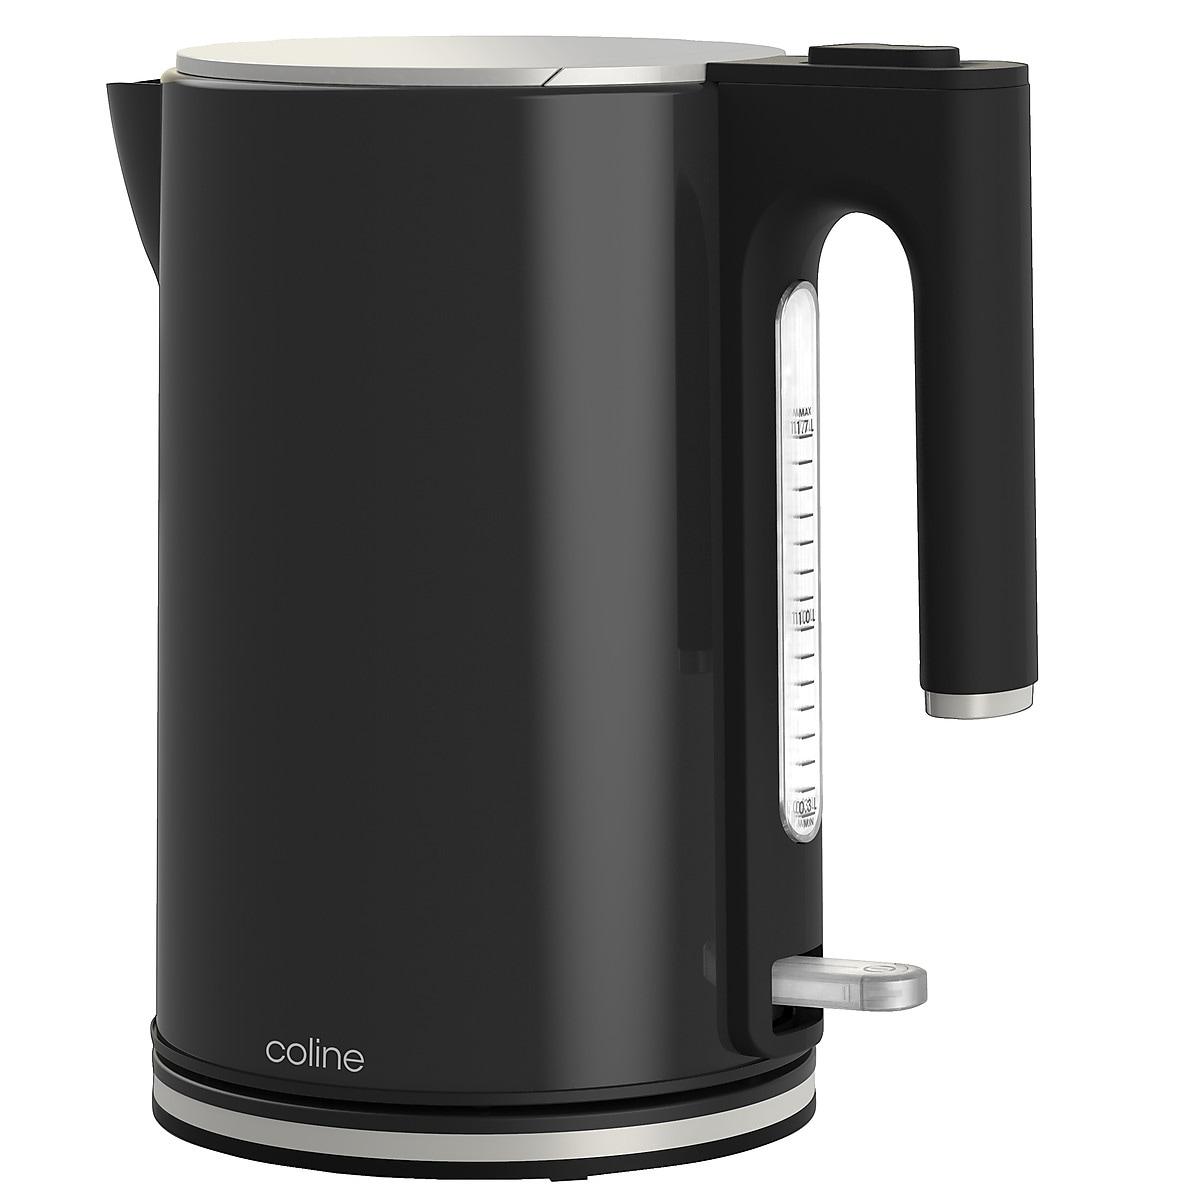 Wasserkocher Coline 1,7 Liter